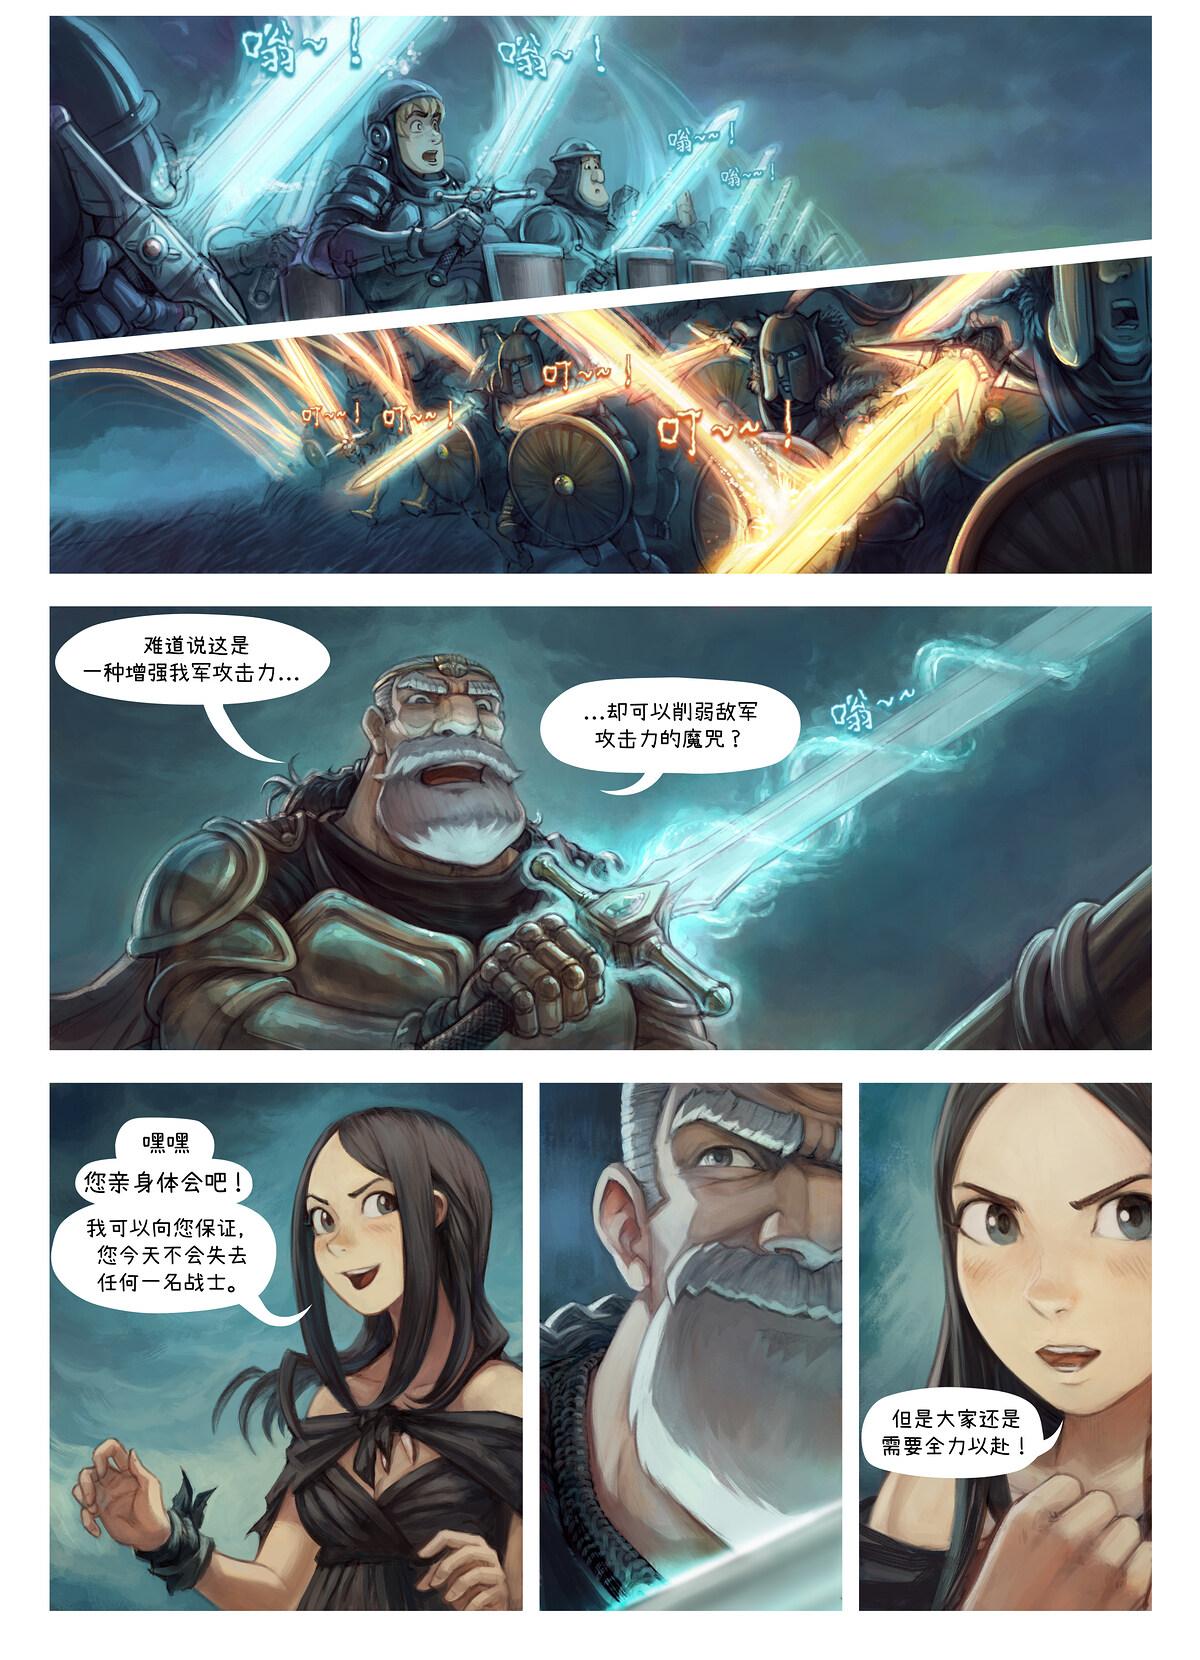 第33集:战争大魔咒, Page 3